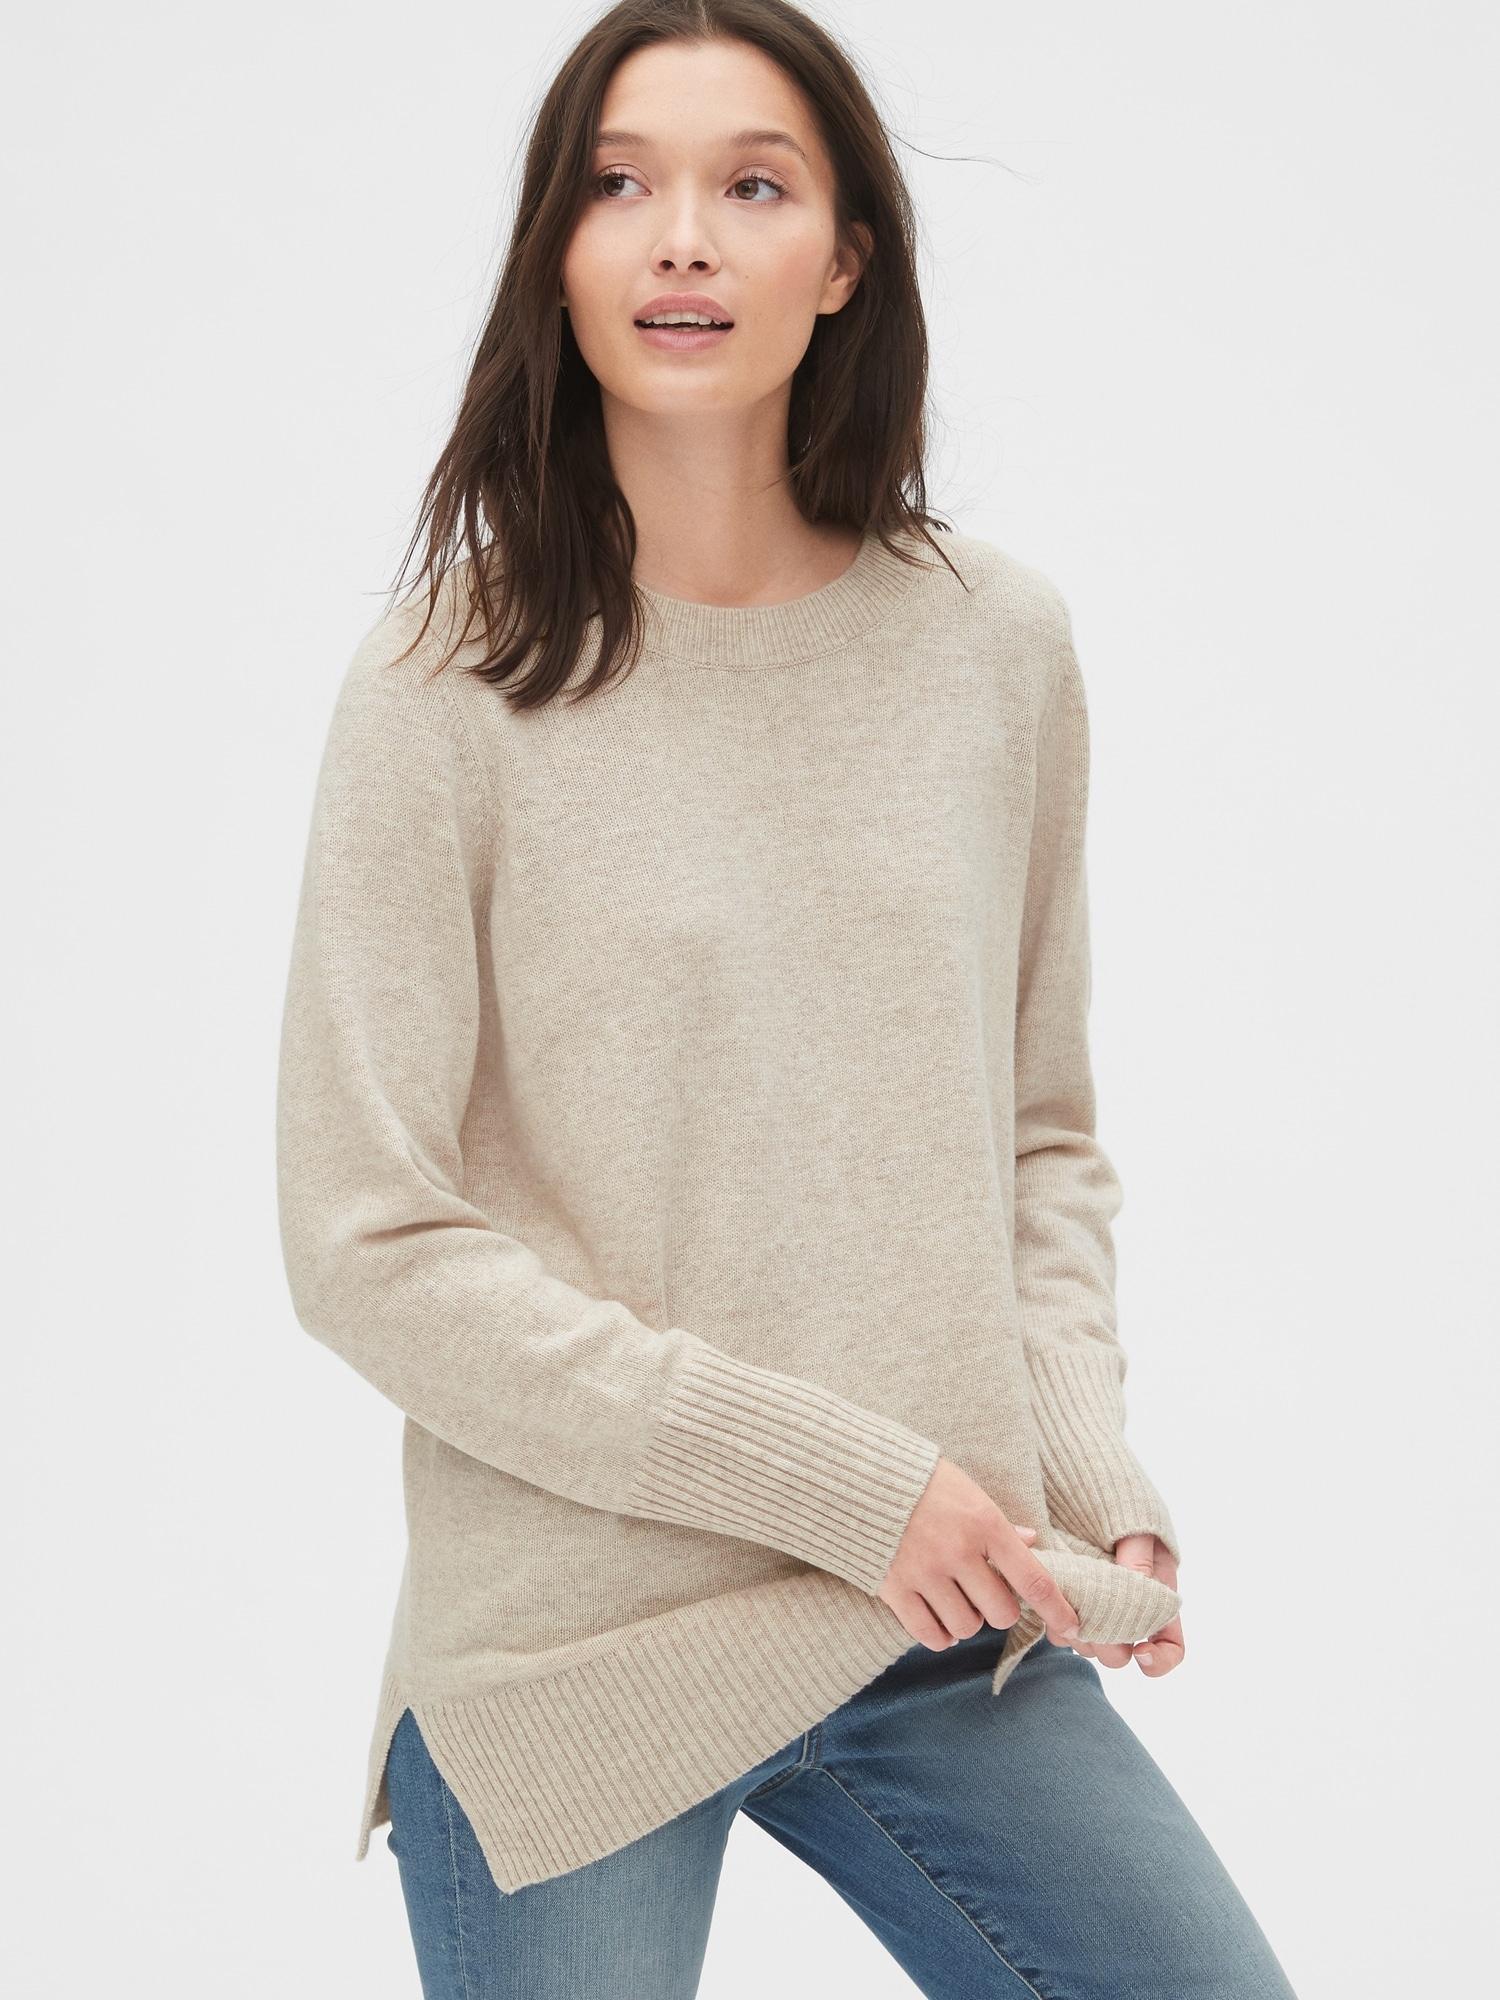 クルーネックチュニックセーター